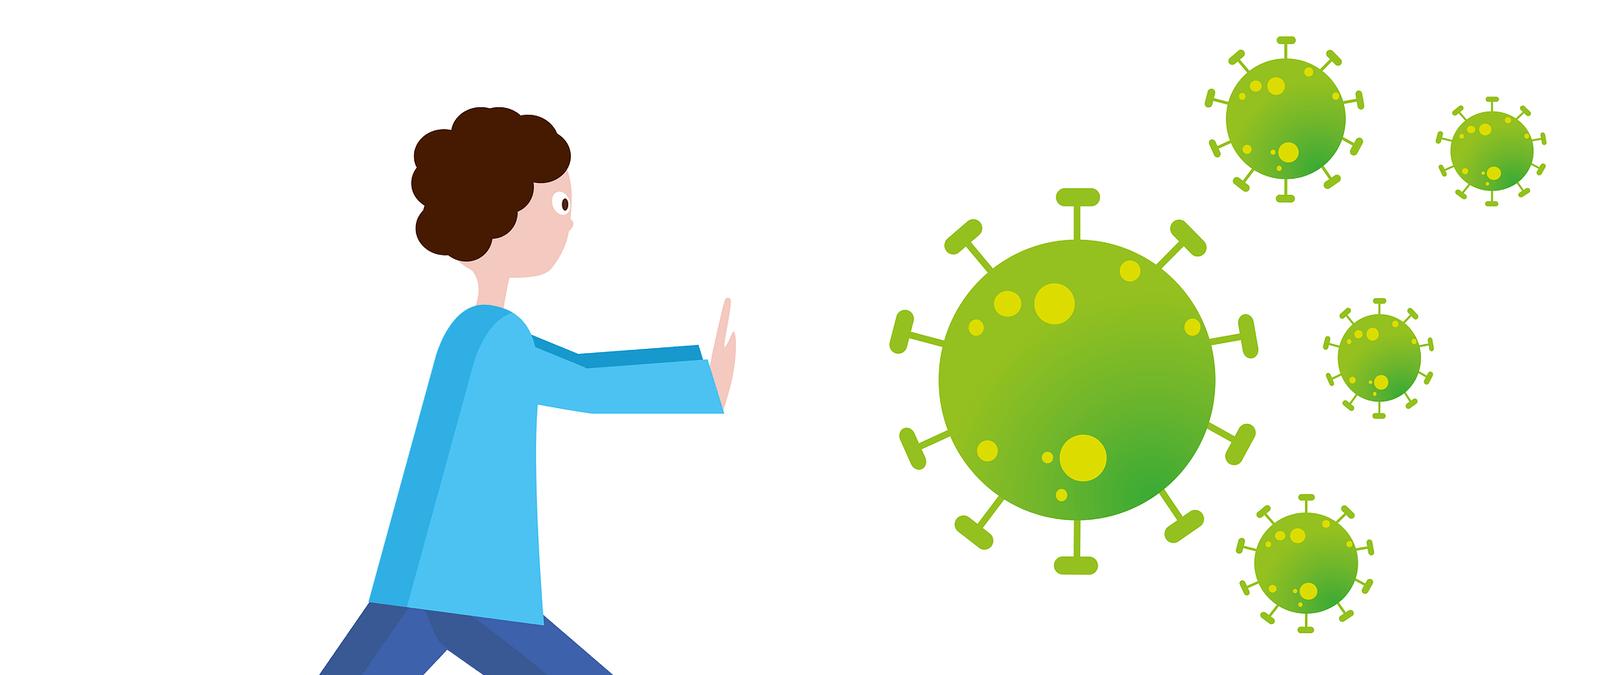 Qué son los anticuerpos monoclonales y hasta qué punto pueden servir como tratamiento contra la COVID-19 - Maldita.es